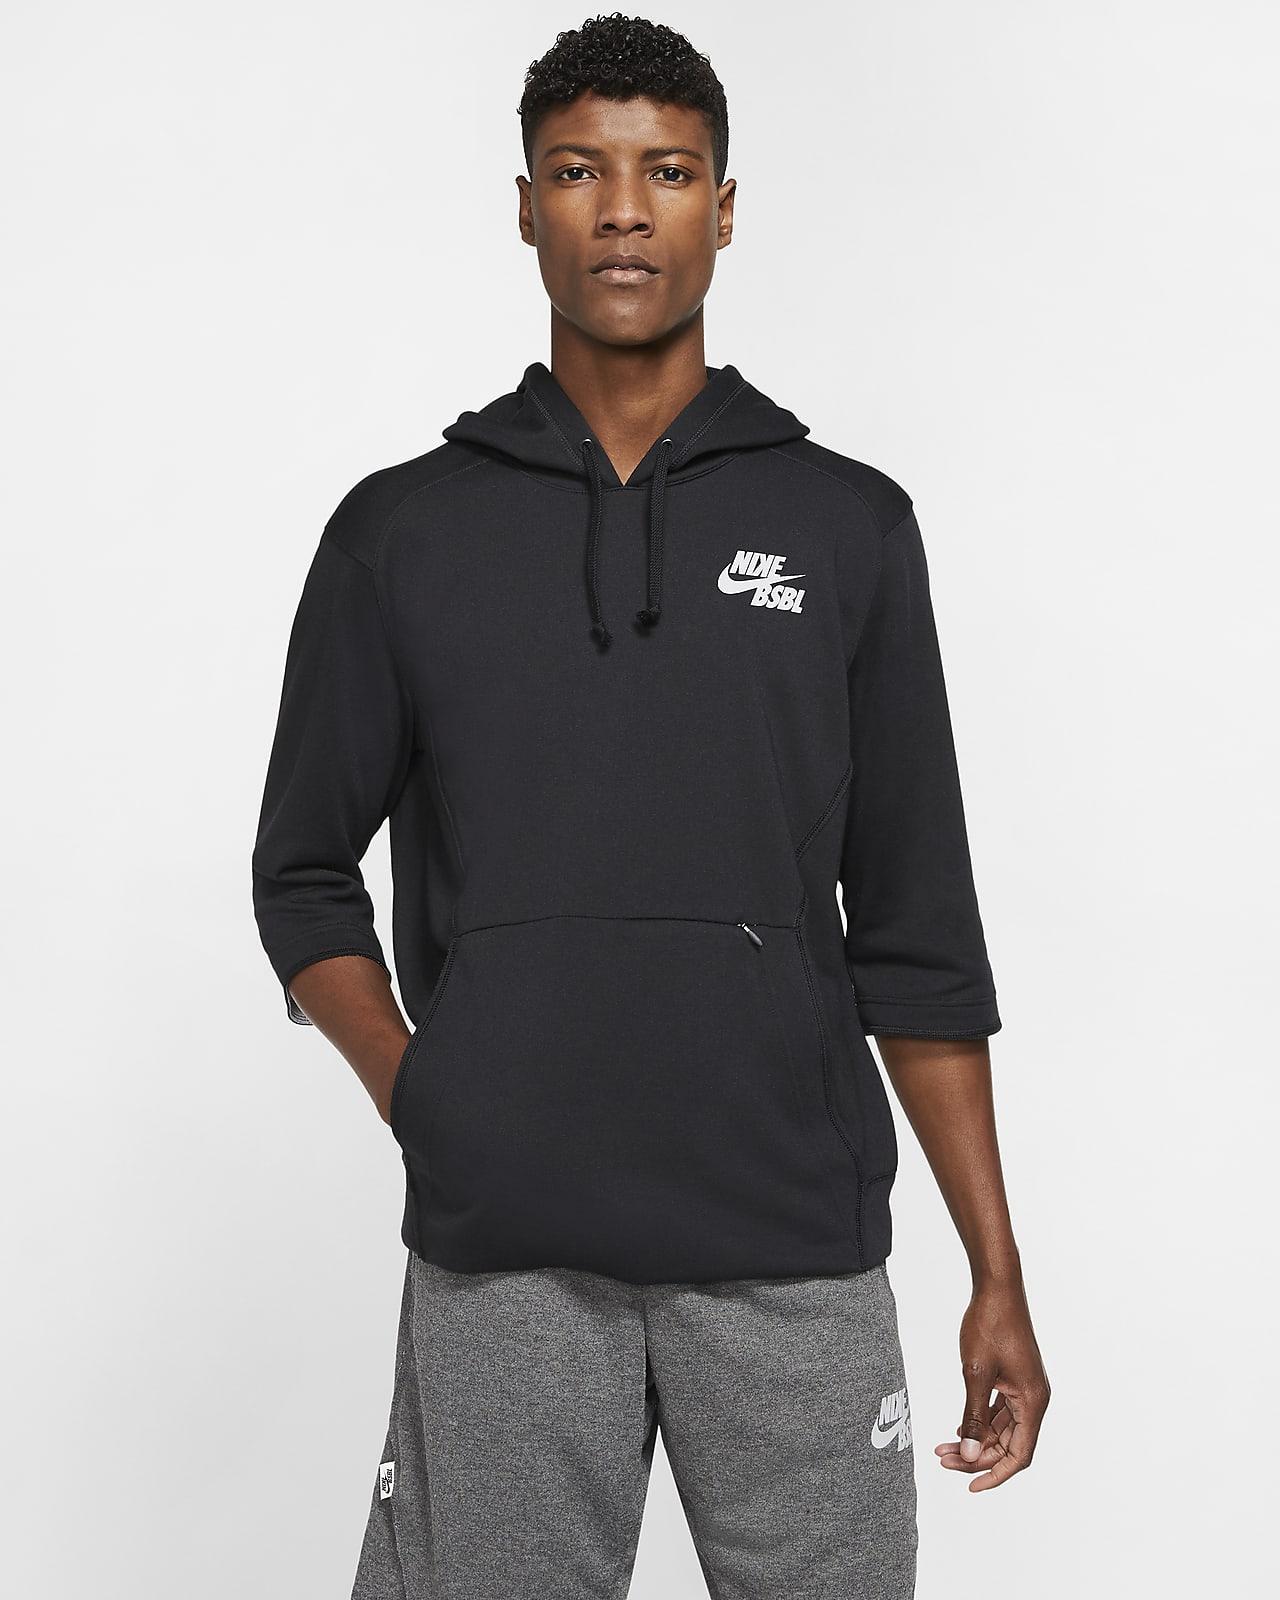 Nike Men's 3/4-Sleeve Baseball Pullover Hoodie